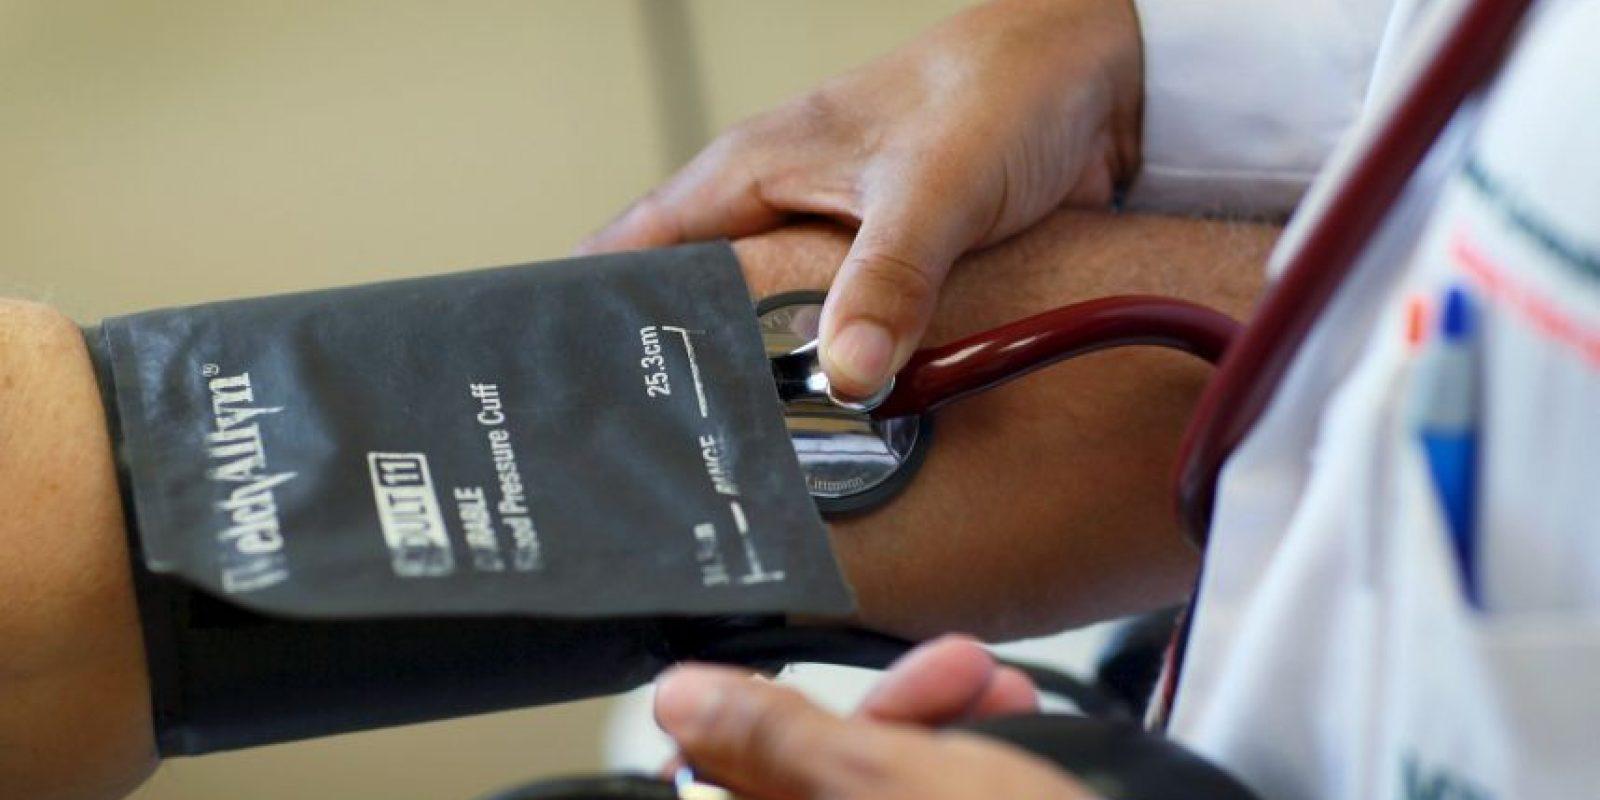 El objetivo de la OMS es que, de aquí a 2020, todos los países obtengan su suministro de sangre de donantes voluntarios no remunerados. Foto:Getty Images